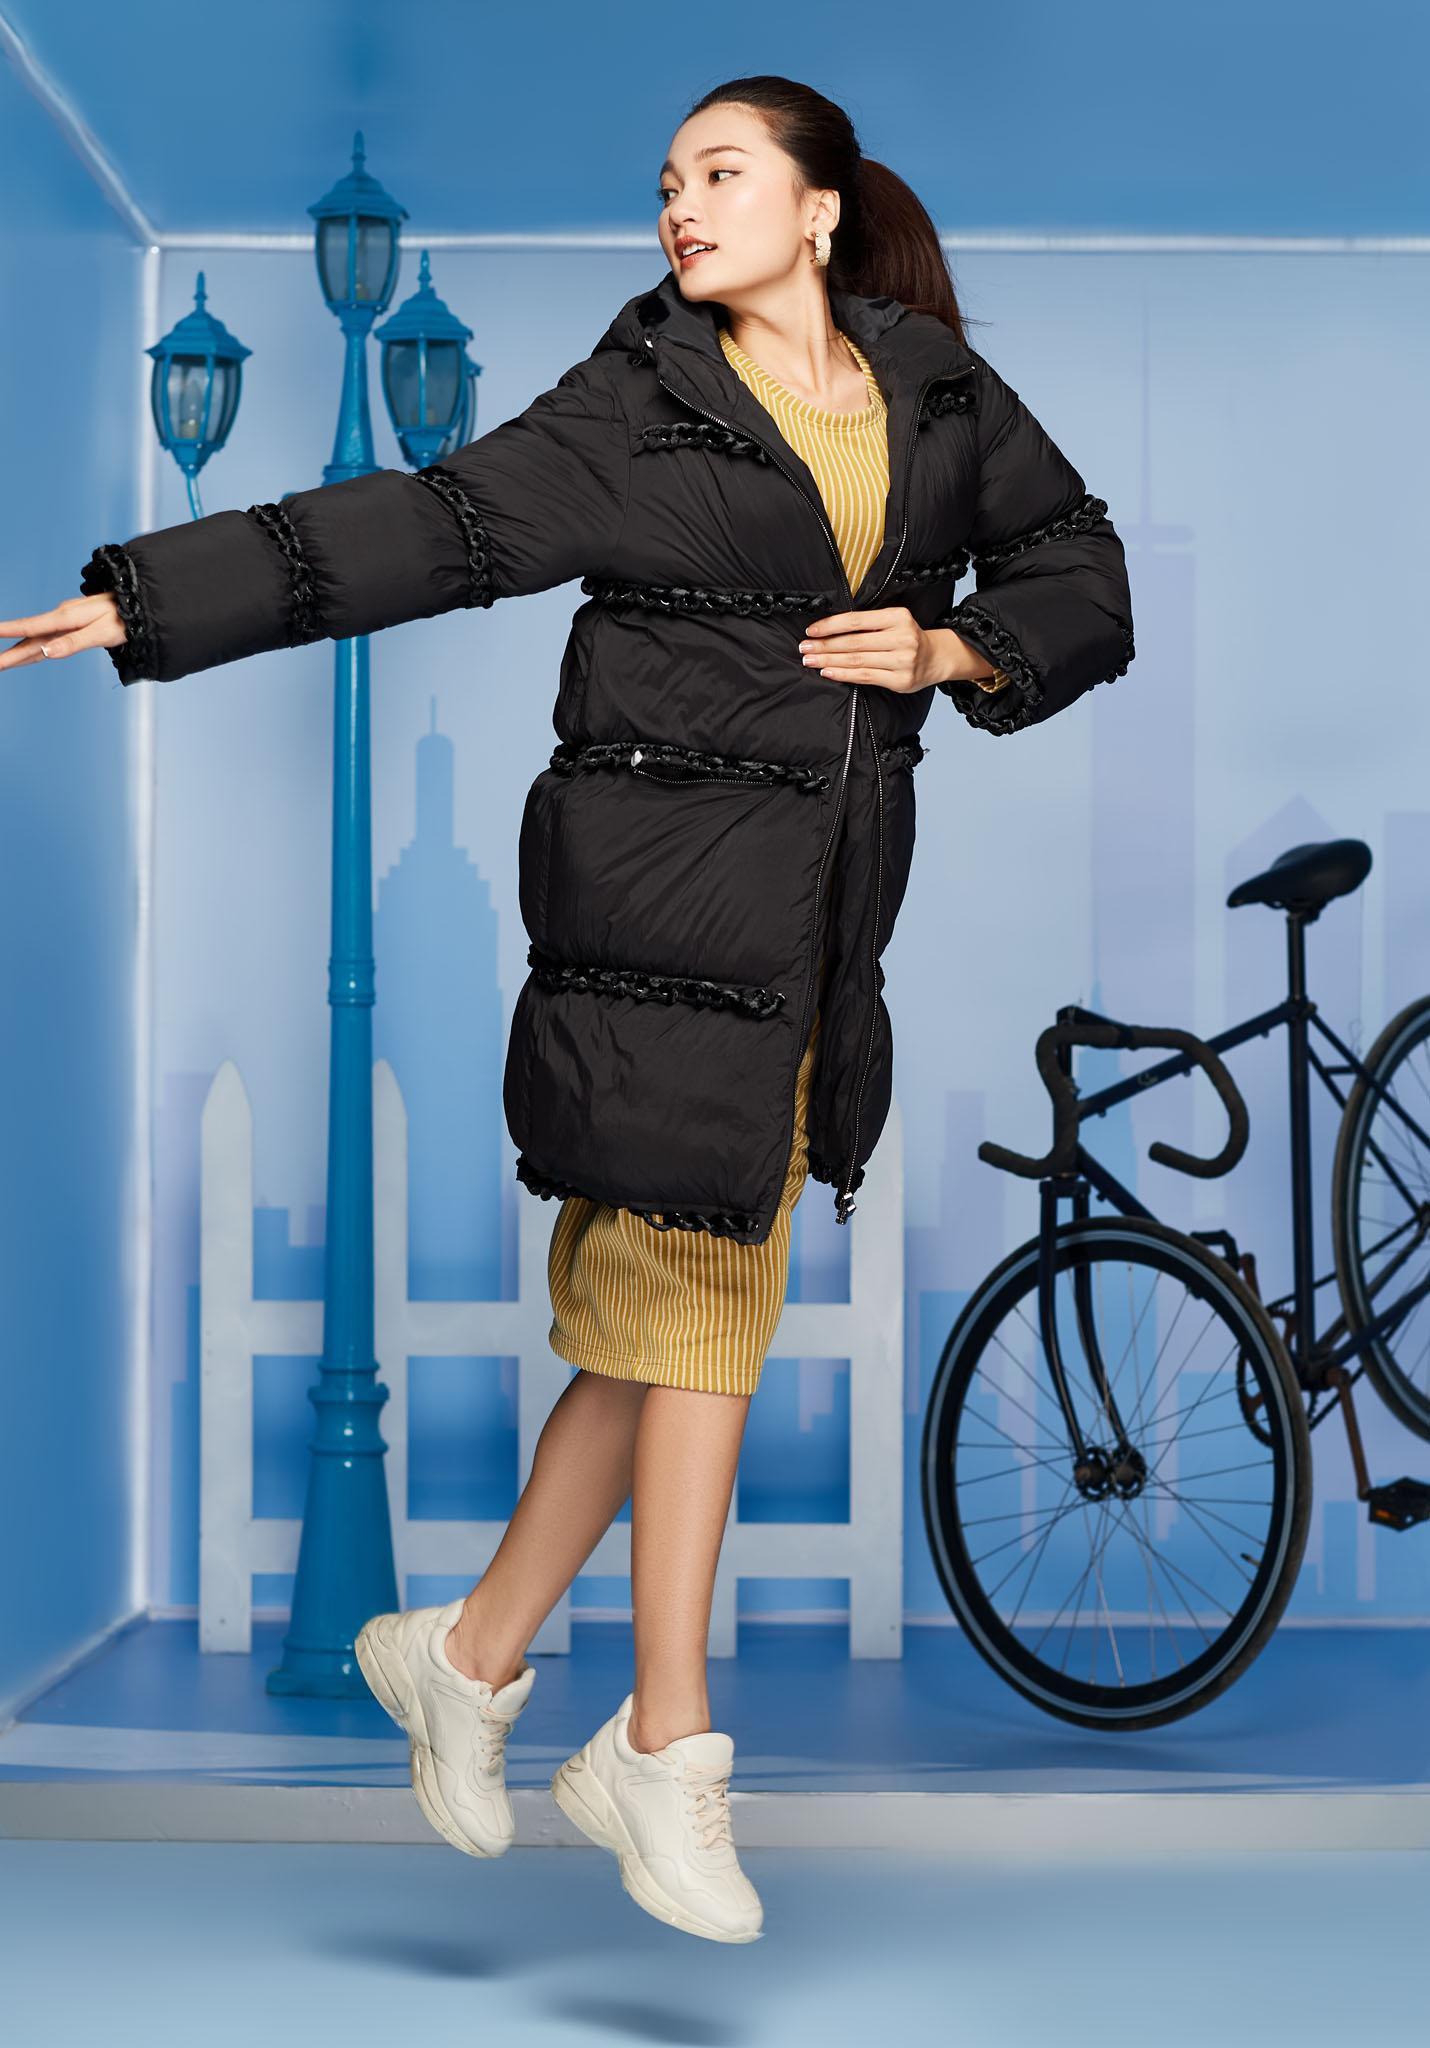 Làn gió mới cho thời trang công sở với những chuyển động cá tính - Ảnh 8.